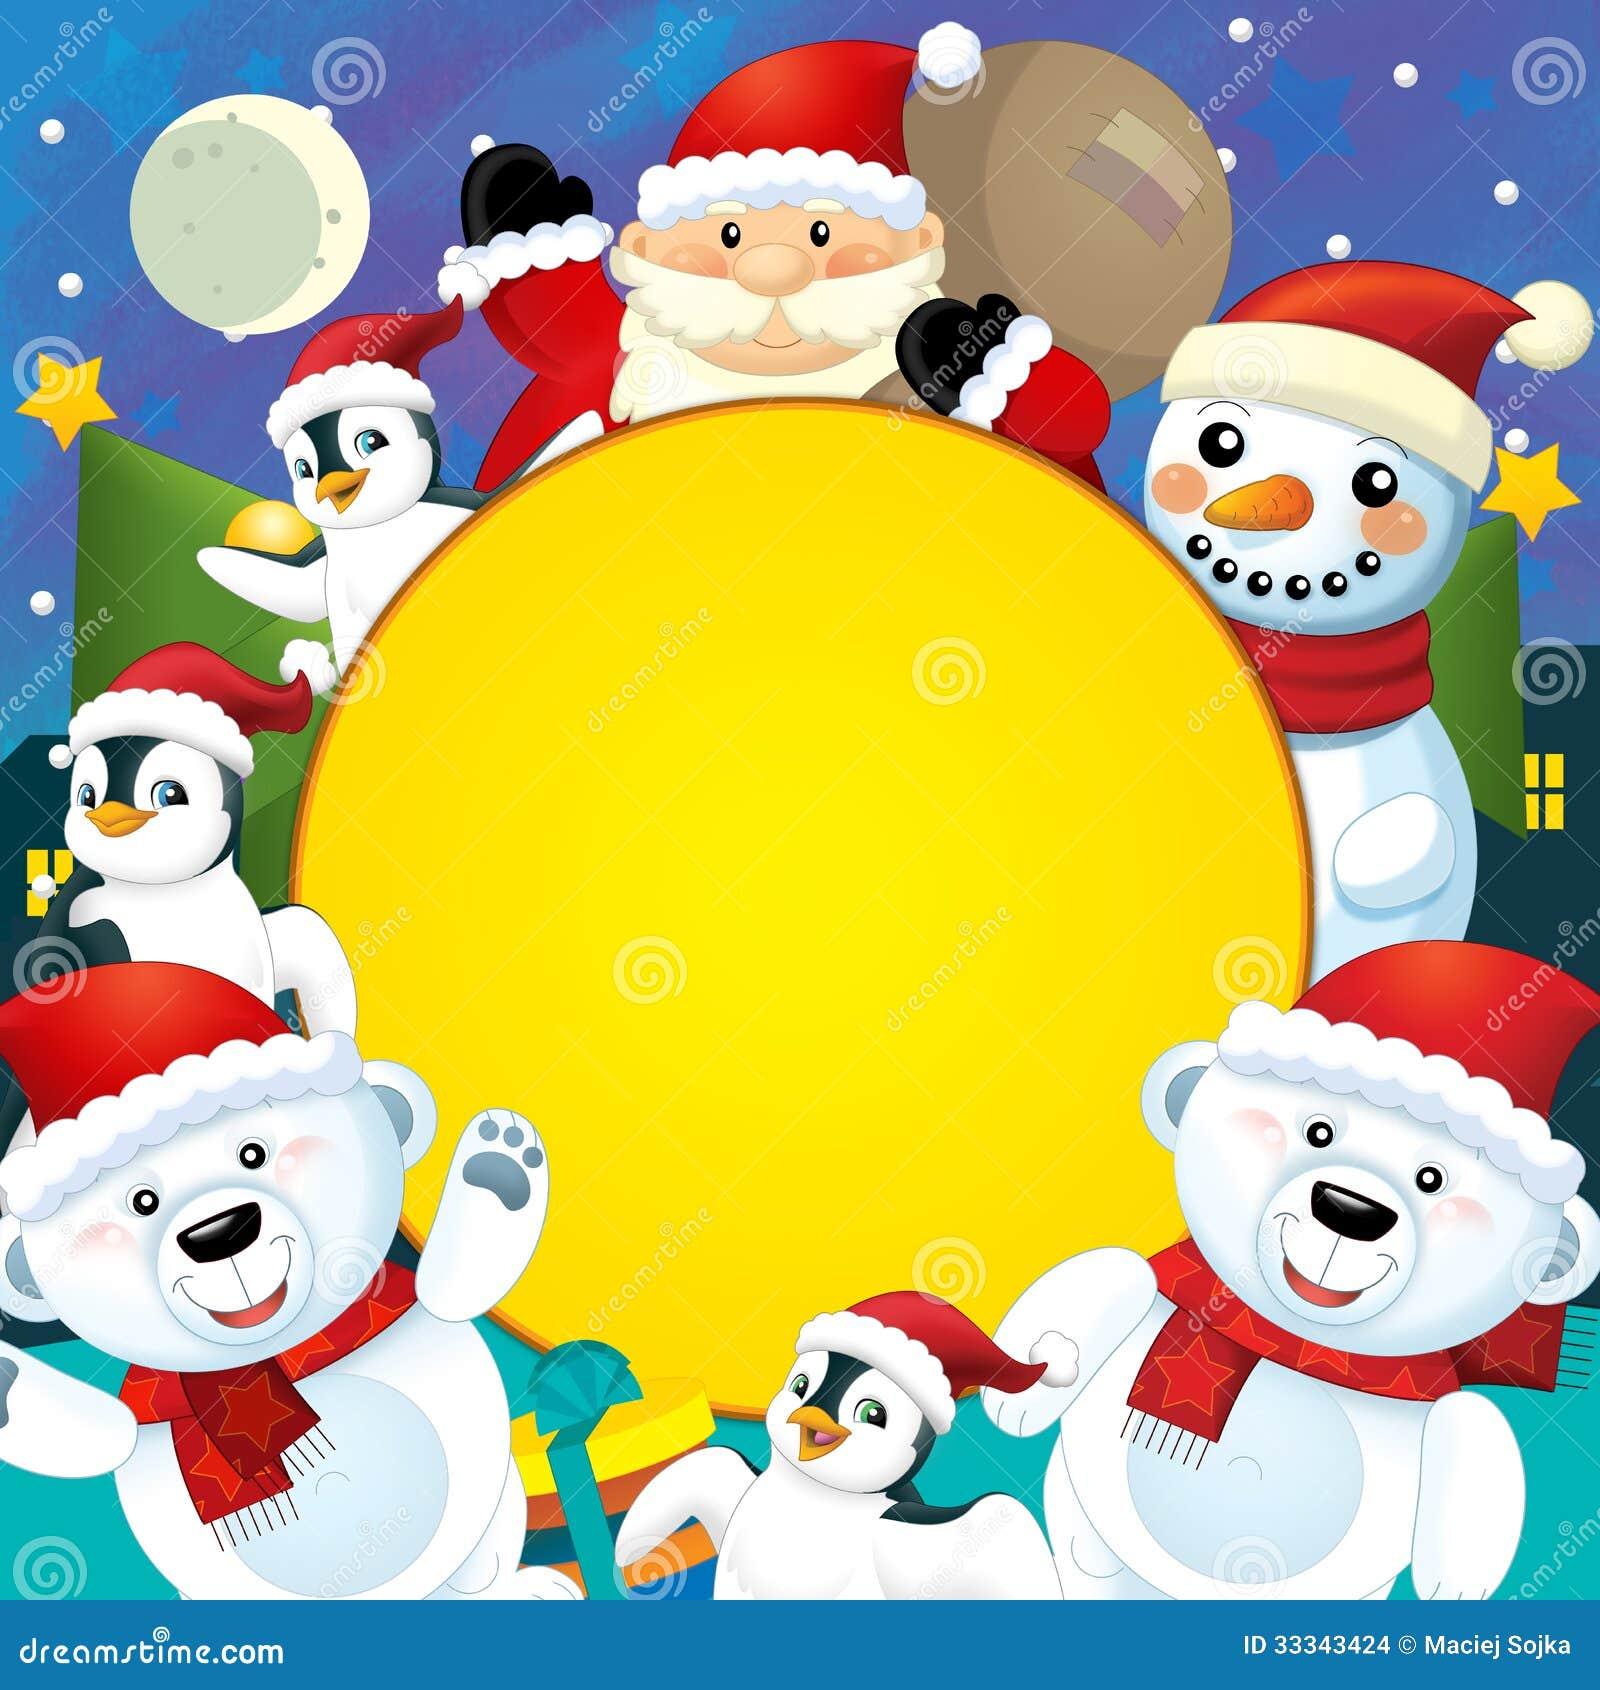 La navidad colorida tarjeta de felicitaci n ejemplo for Dibujos postales navidad ninos